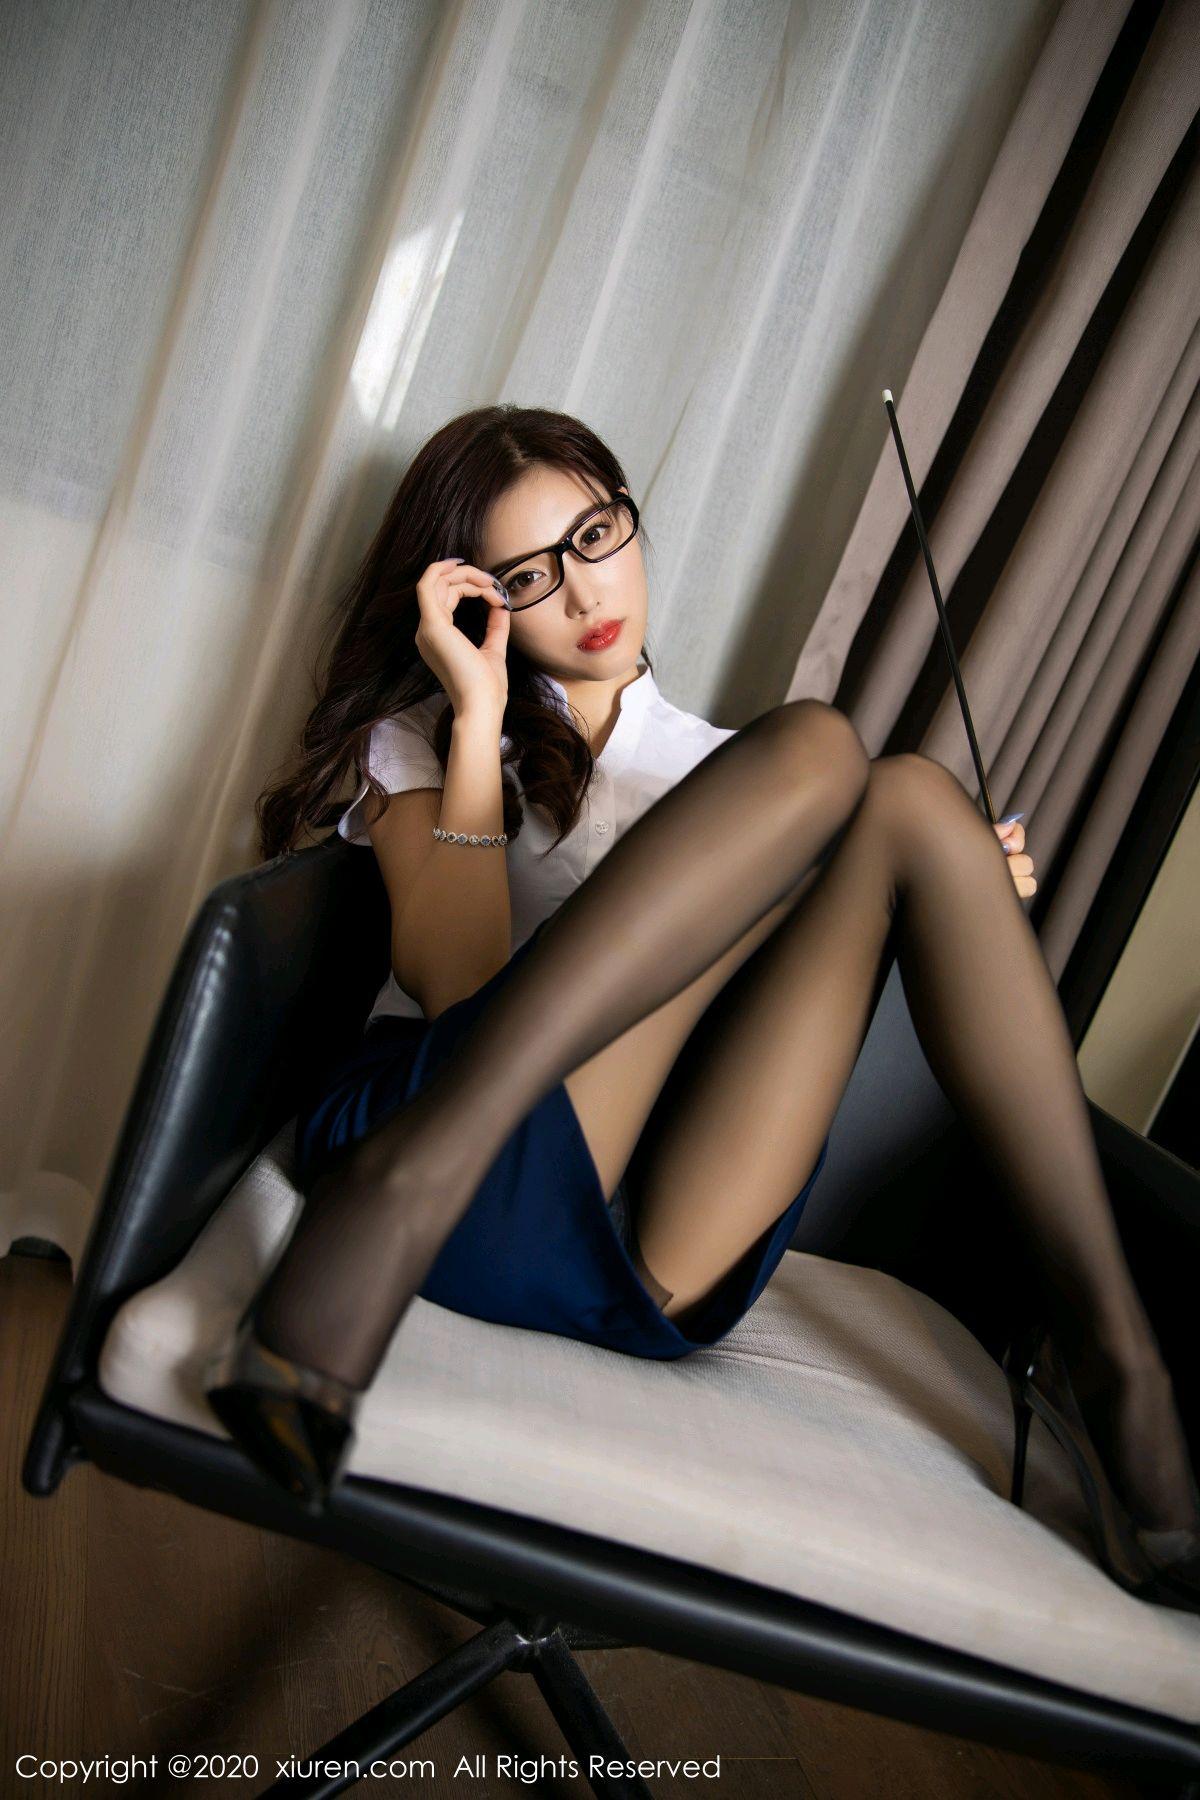 [XiuRen] Vol.2541 Yang Chen Chen 18P, Black Silk, Tall, Uniform, Xiuren, Yang Chen Chen